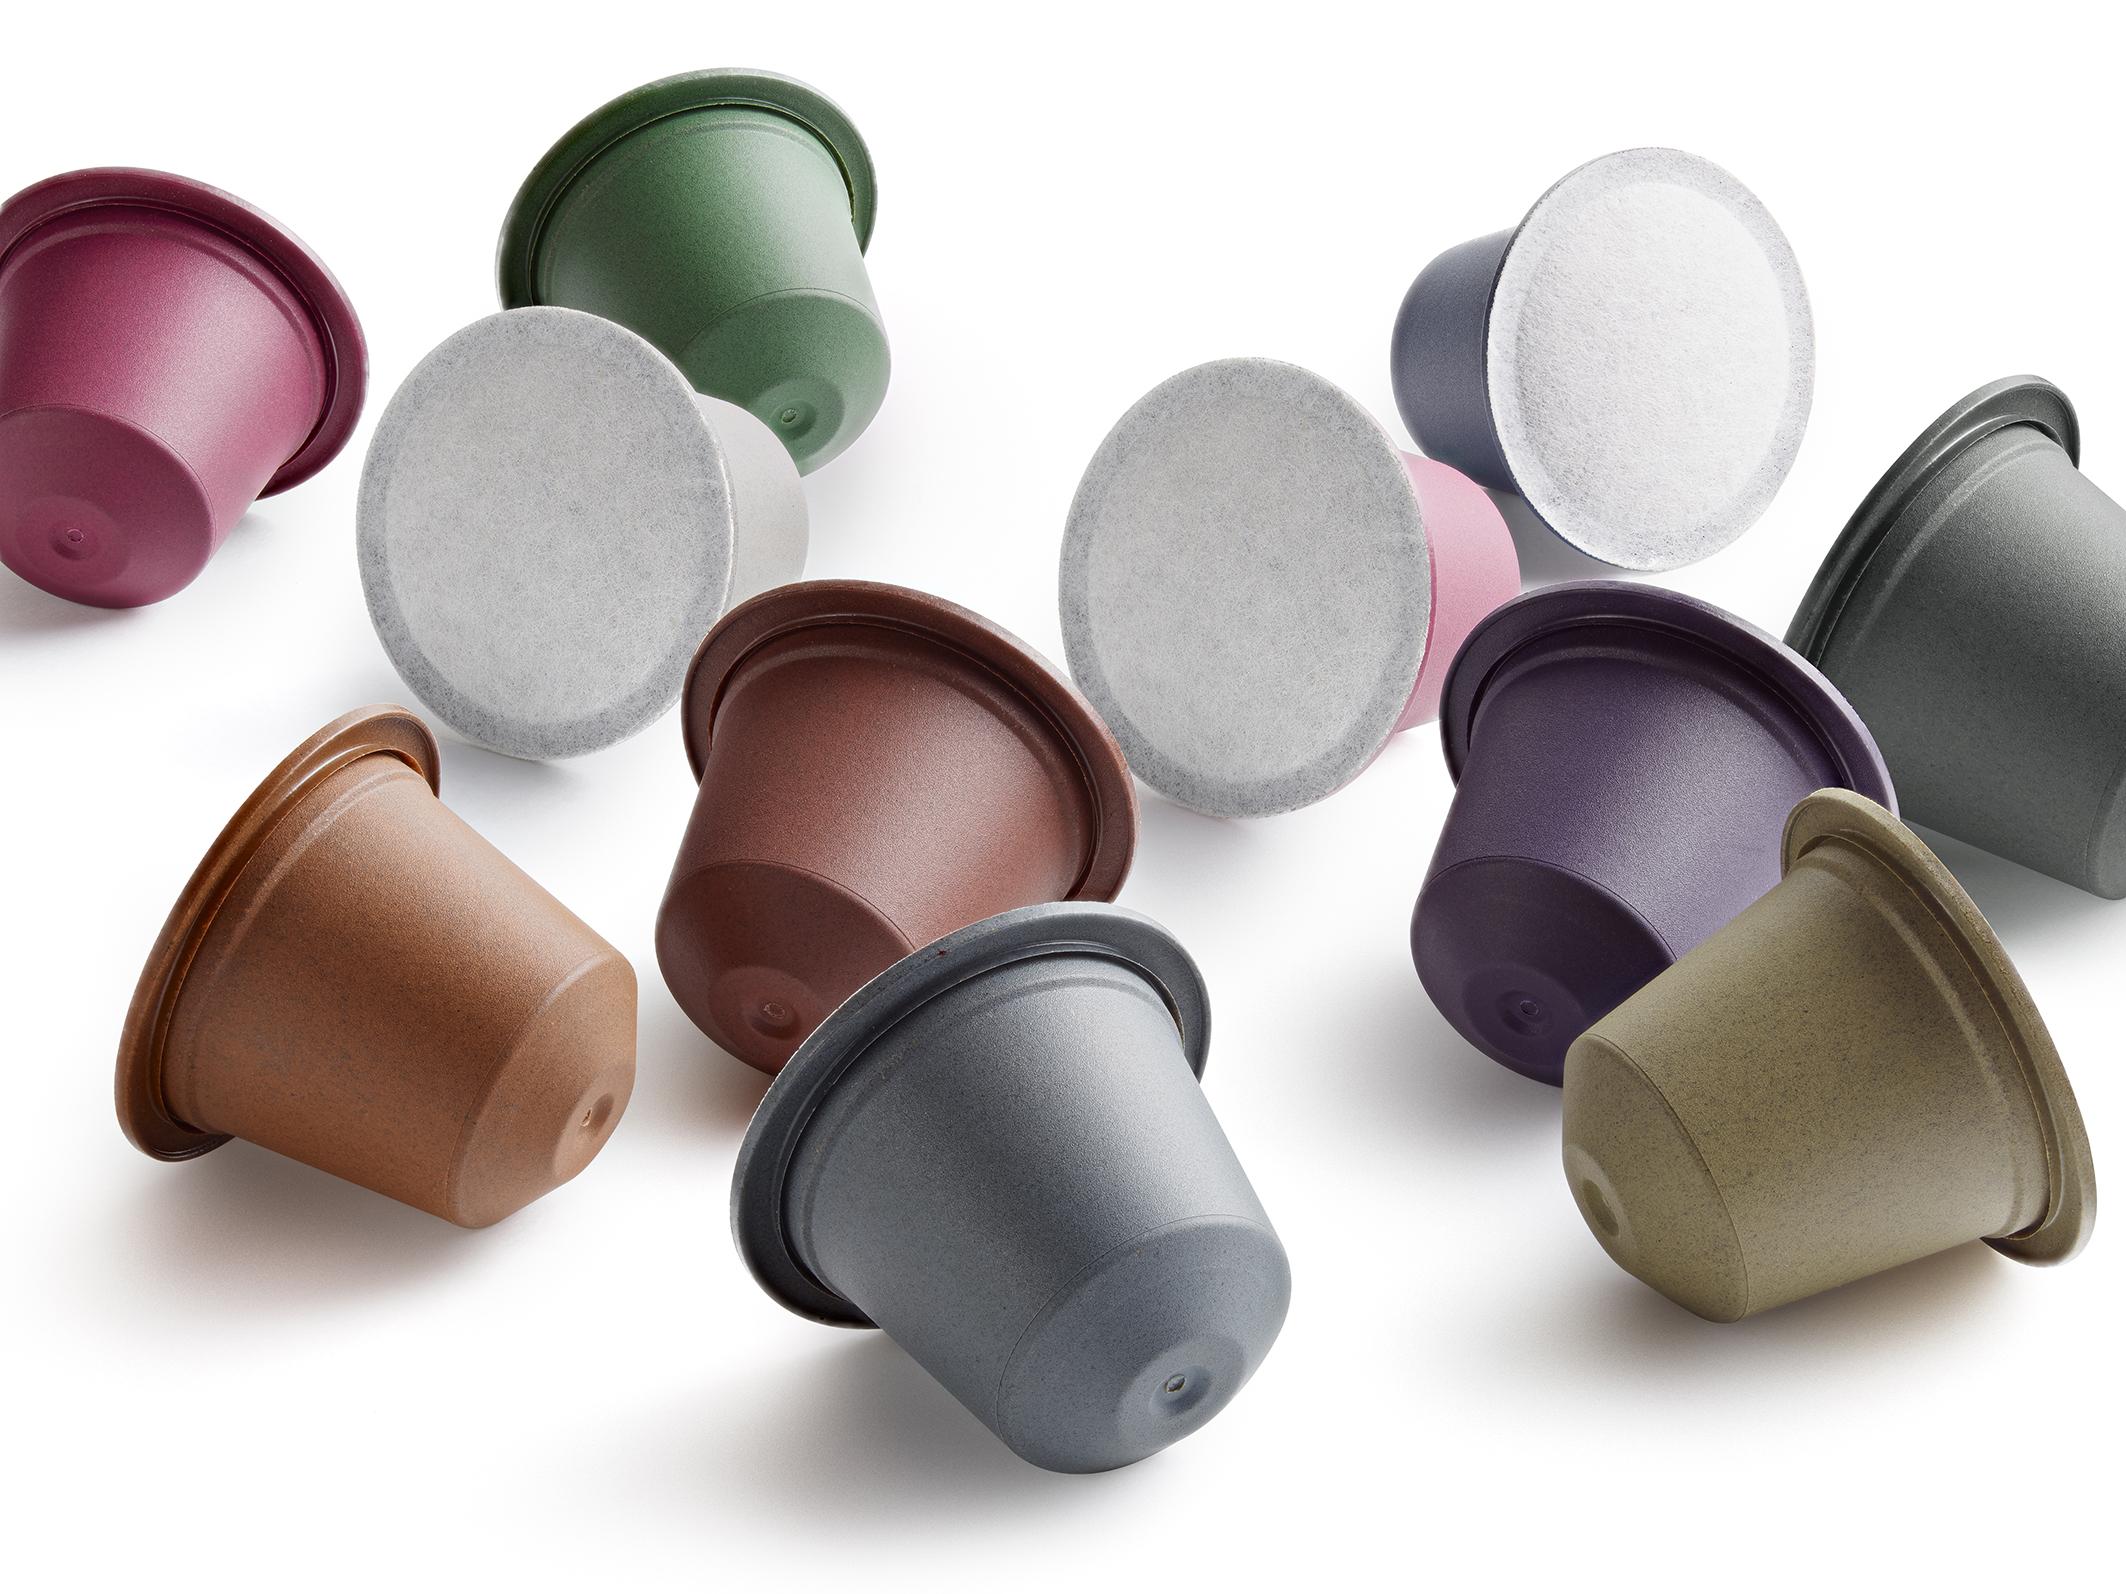 Blue Circle Packaging – neue Marke für biologisch abbaubare Verpackungen